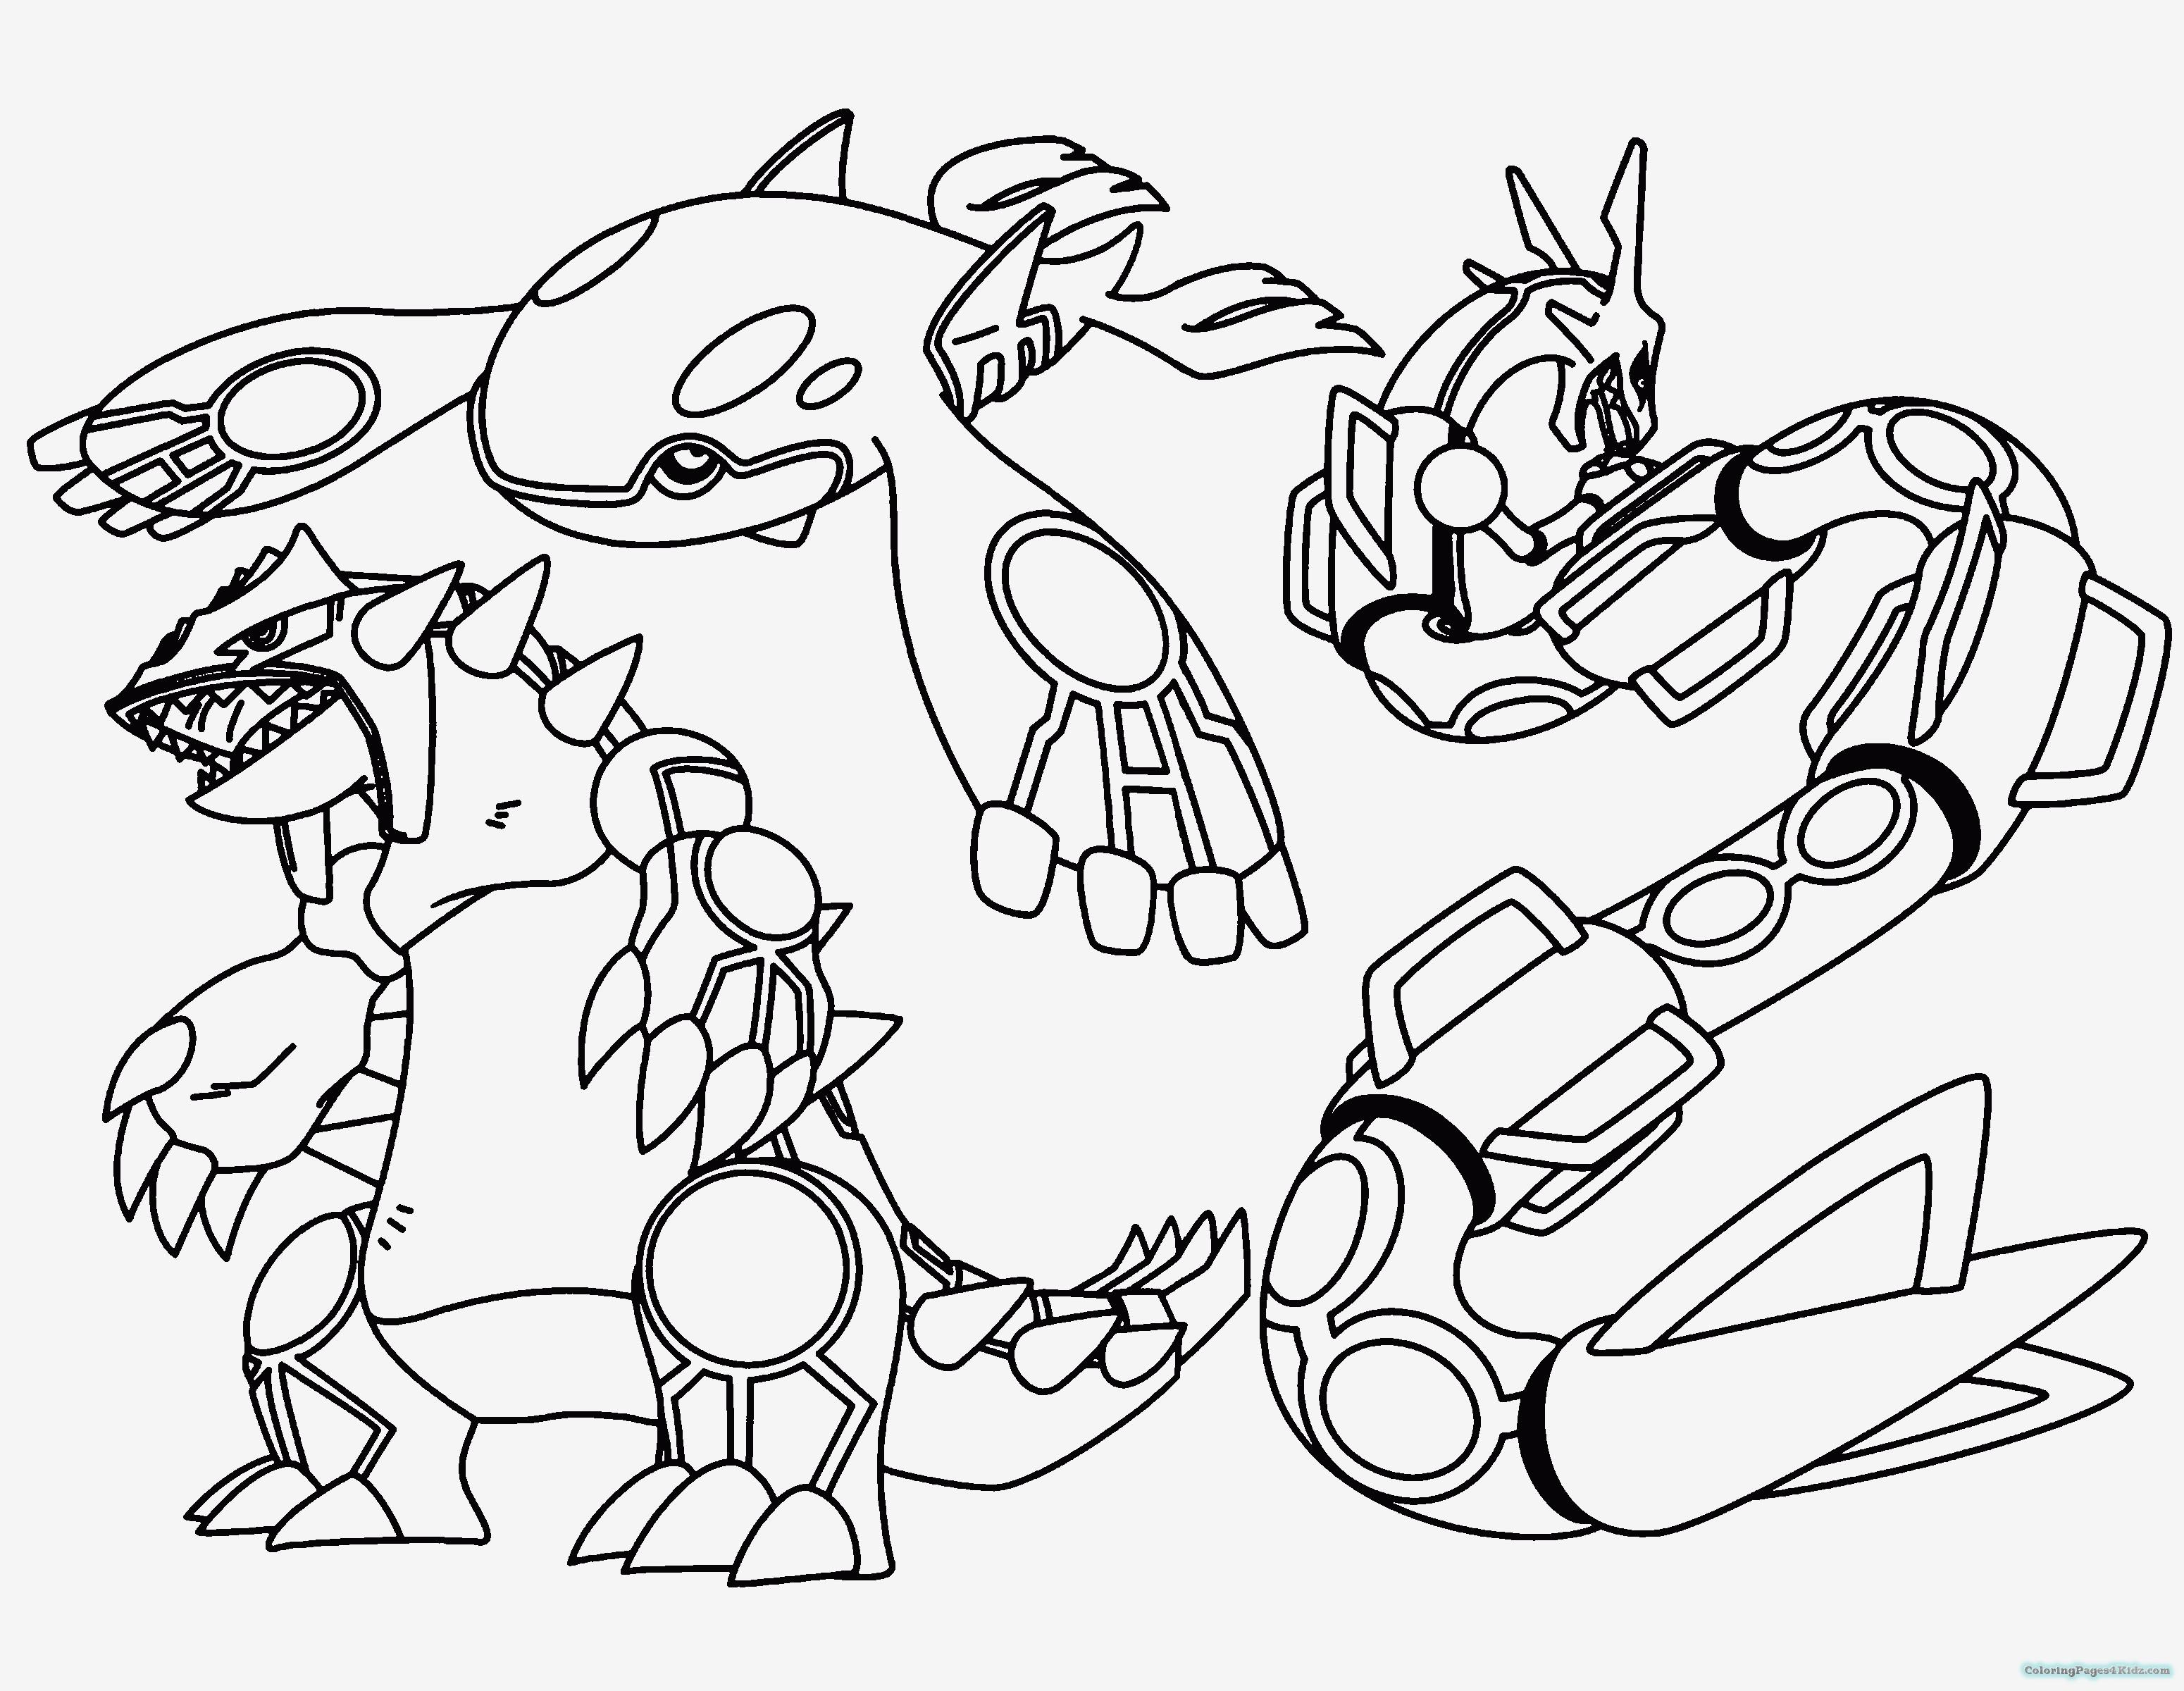 Pokemon Bilder Zum Ausmalen Frisch Lernspiele Färbung Bilder Pokemon Ausmalbilder Mega Entwicklung Das Bild